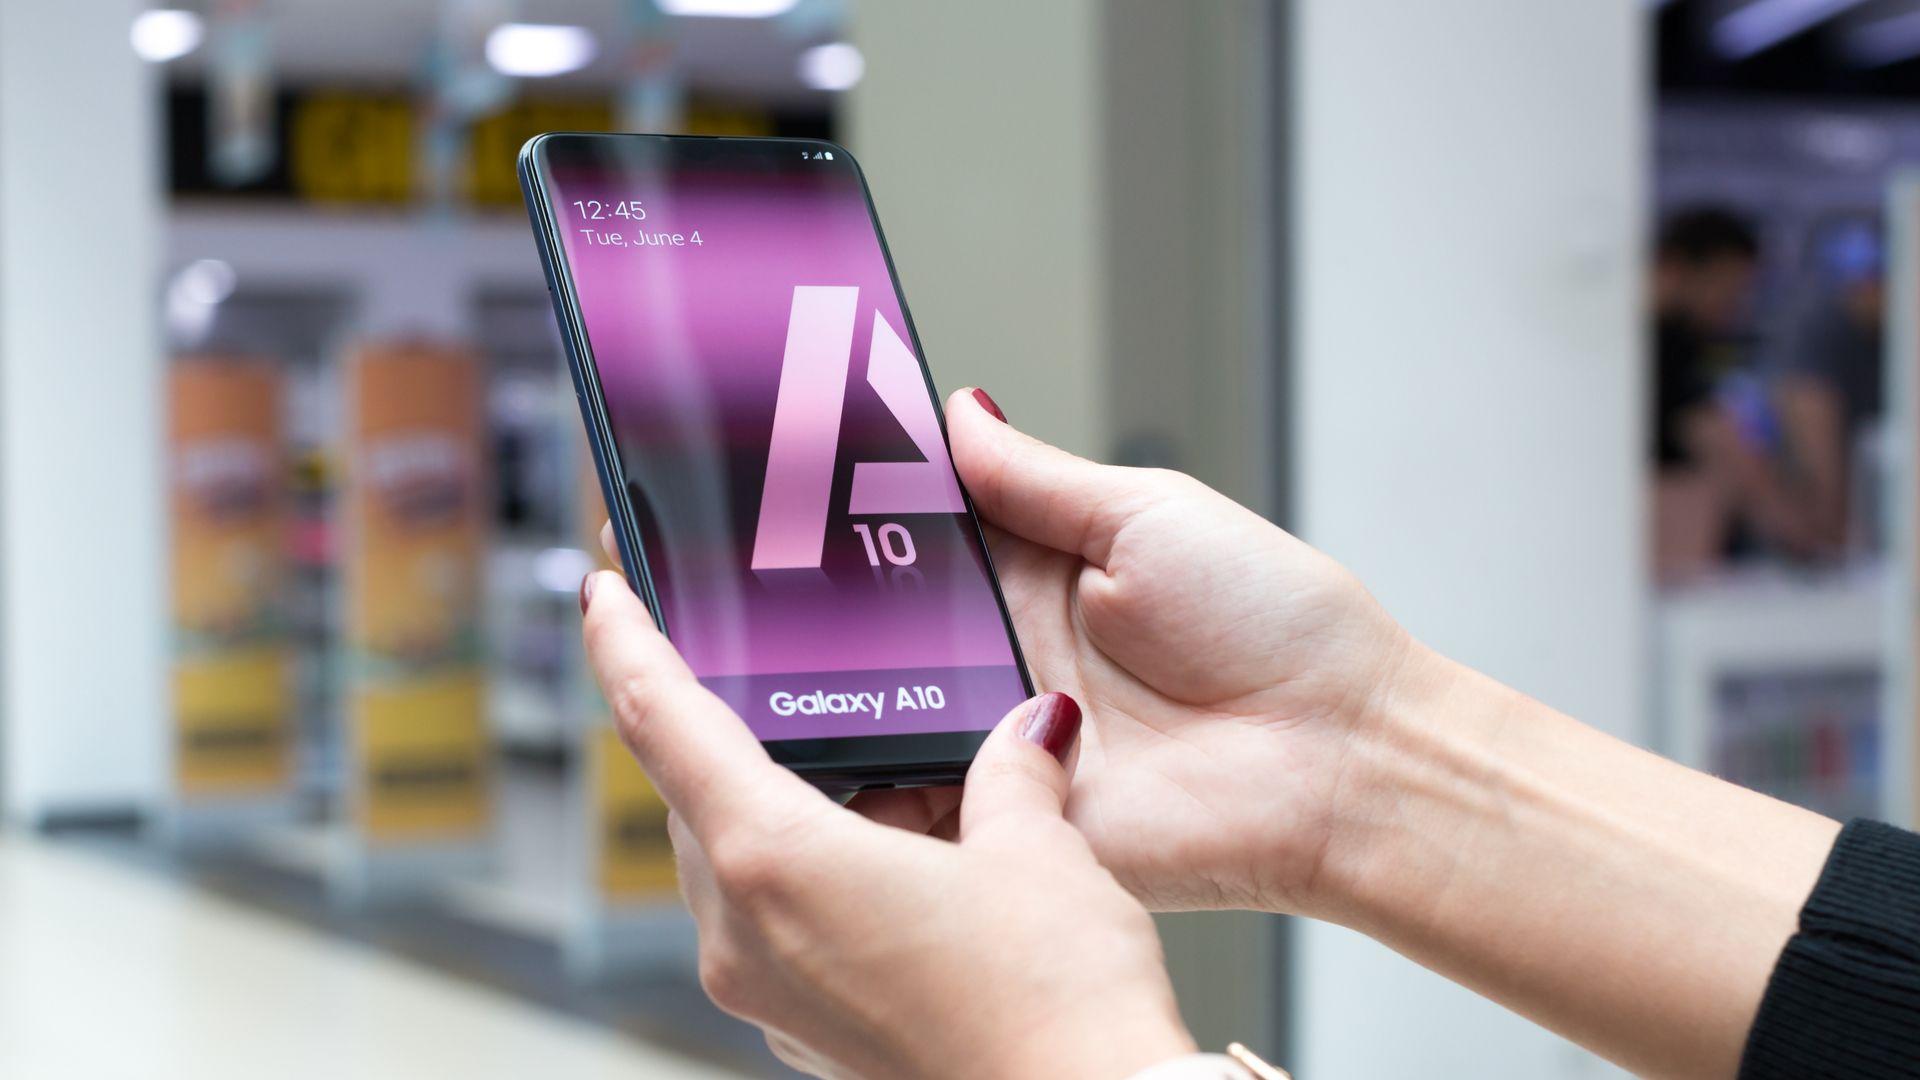 Galaxy A10 é um celular básico da Samsung. (Imagem: N.Z.Photography/Shutterstock)